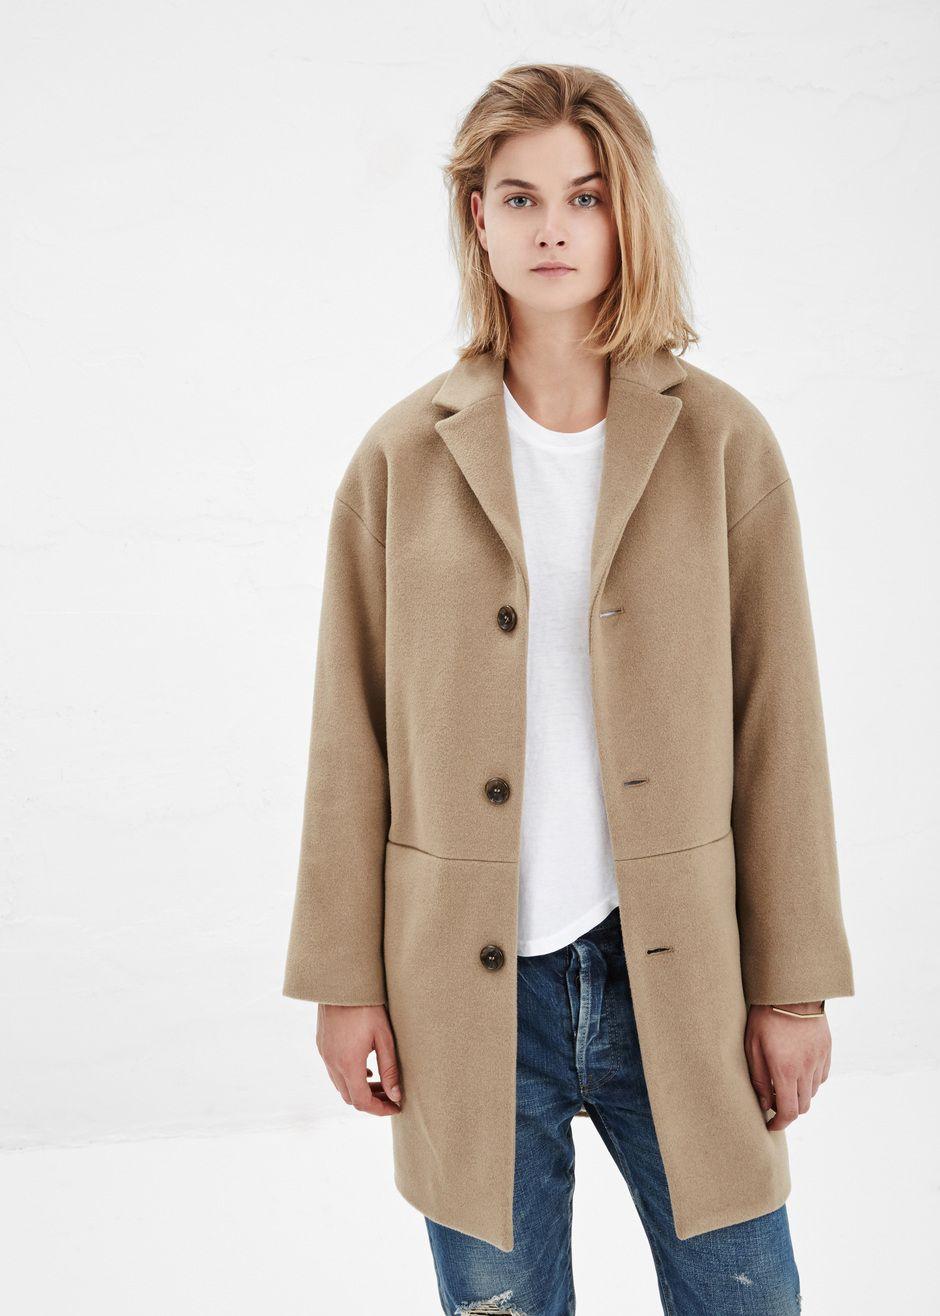 Covet. A.P.C. Tobacco & cashmere wool coat in a tan. Classic coat ...